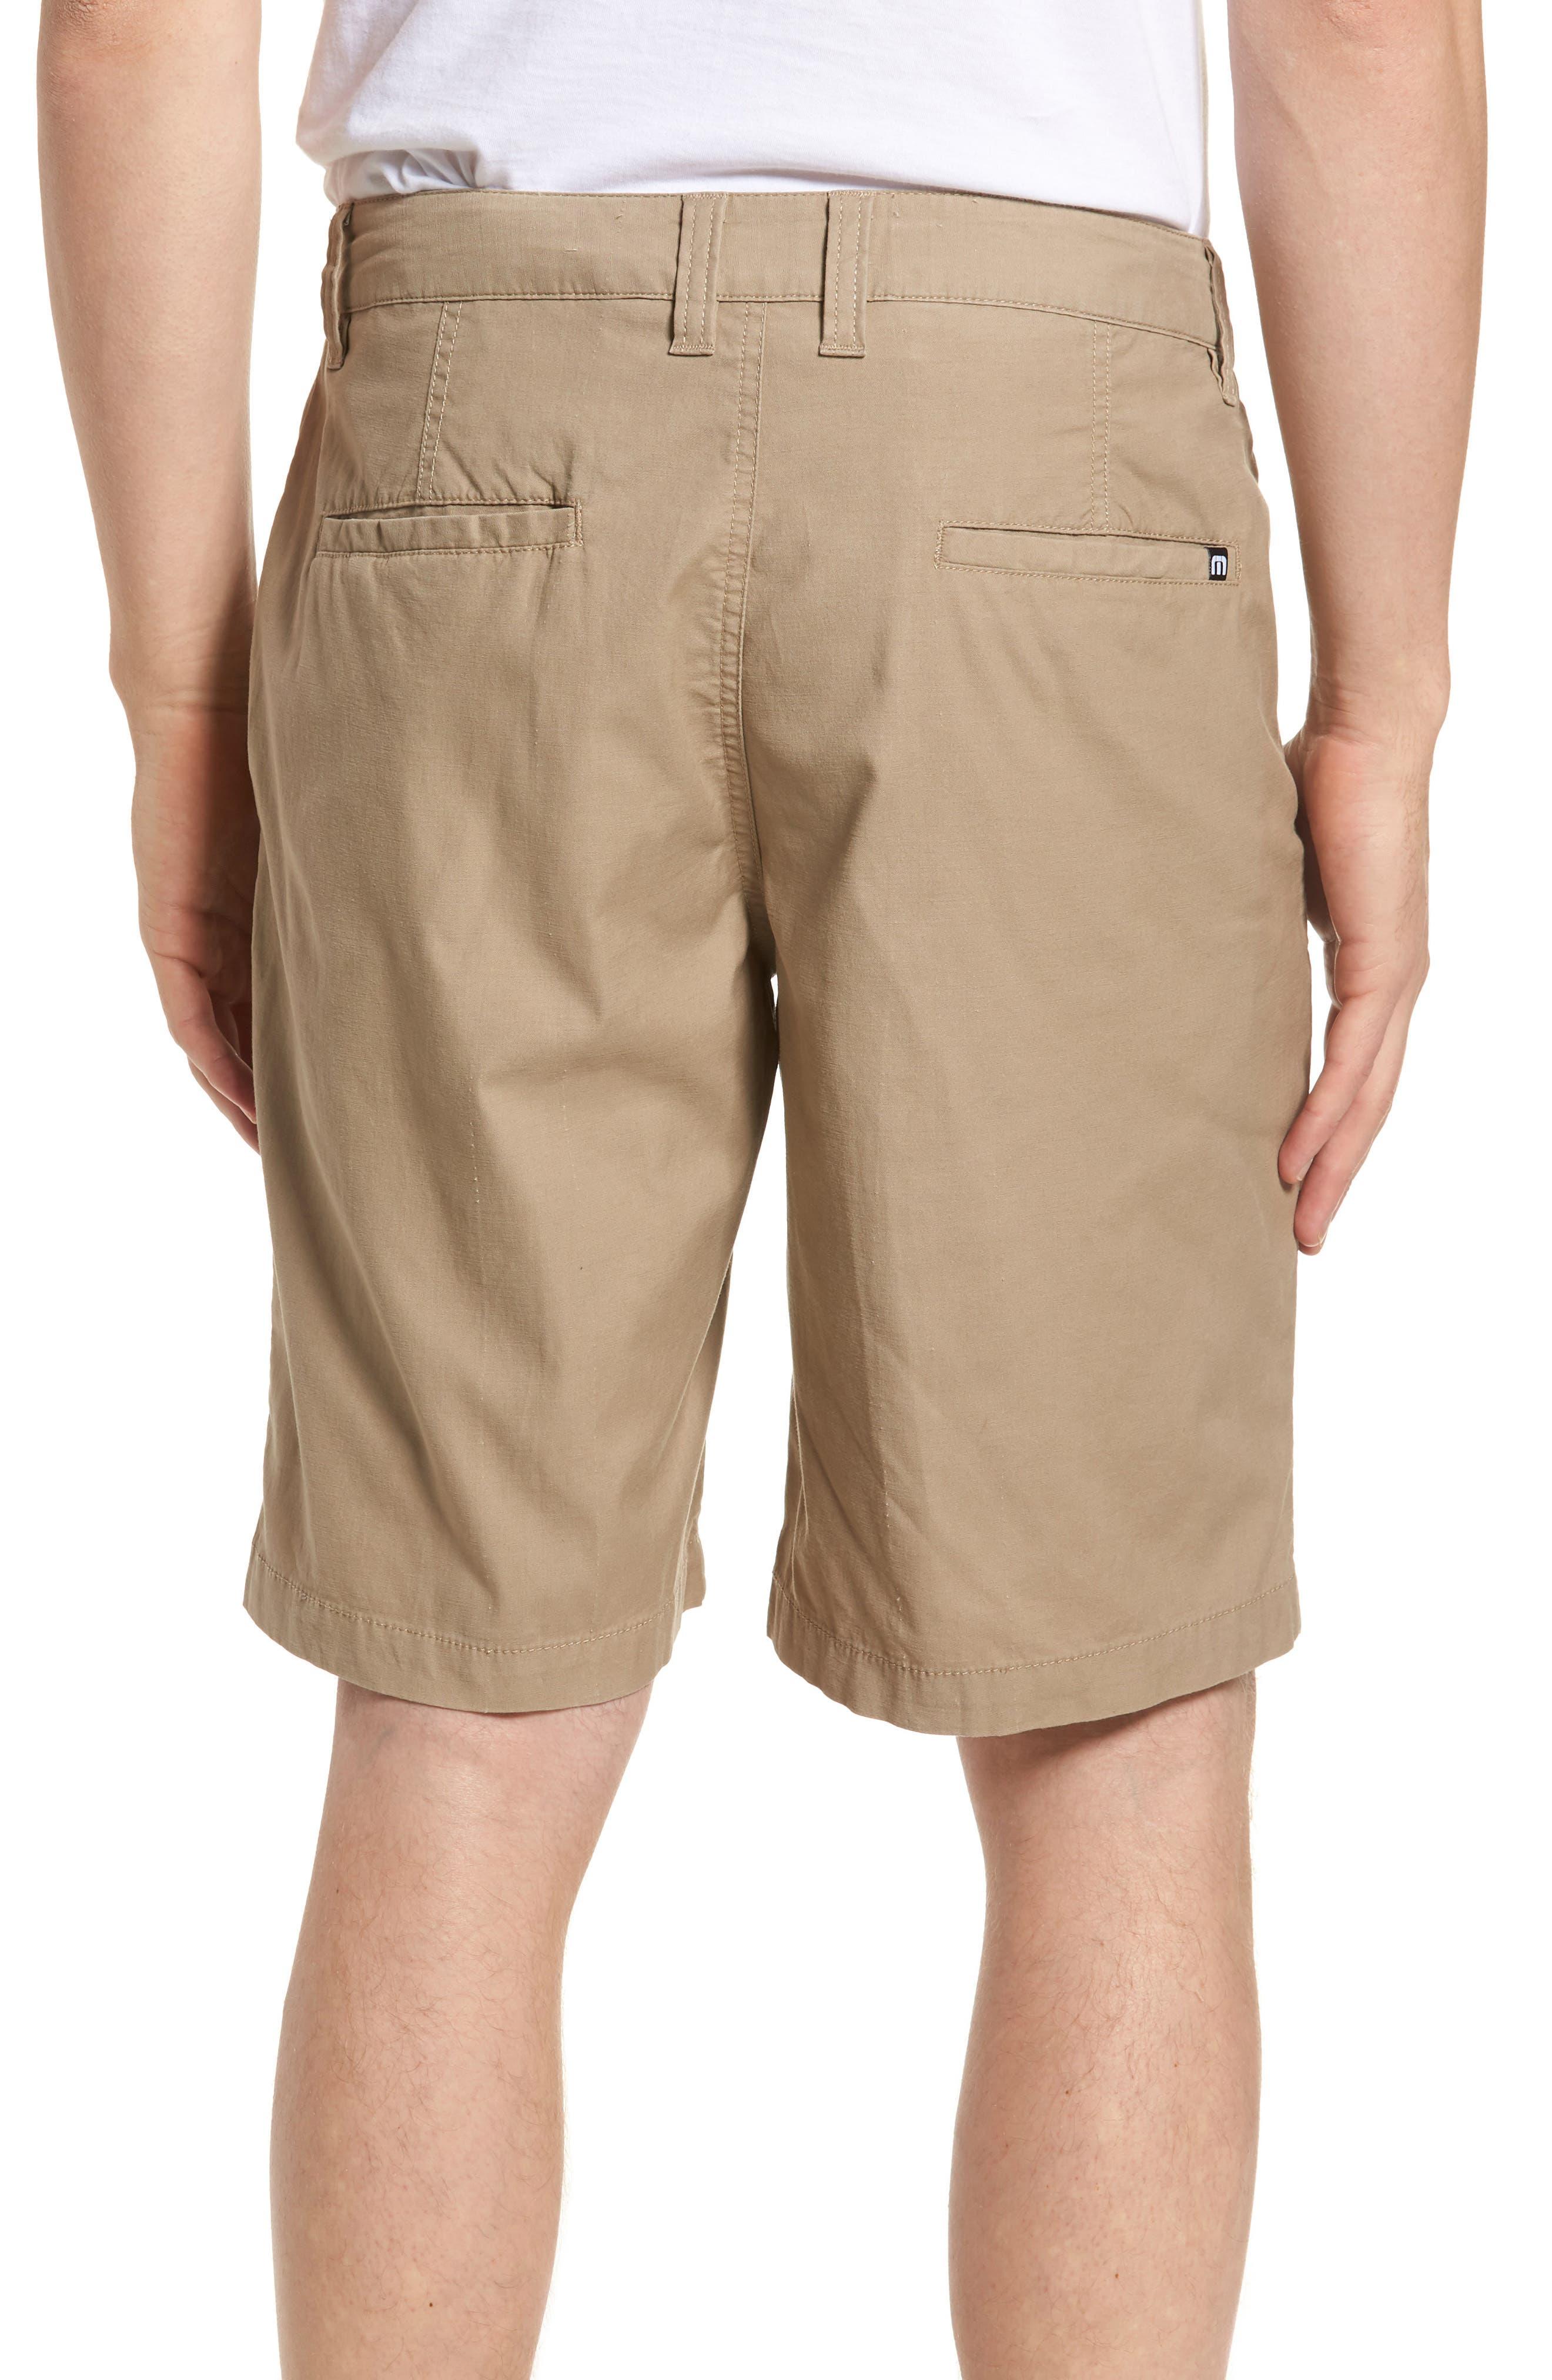 Huntington Shorts,                             Alternate thumbnail 2, color,                             Khaki